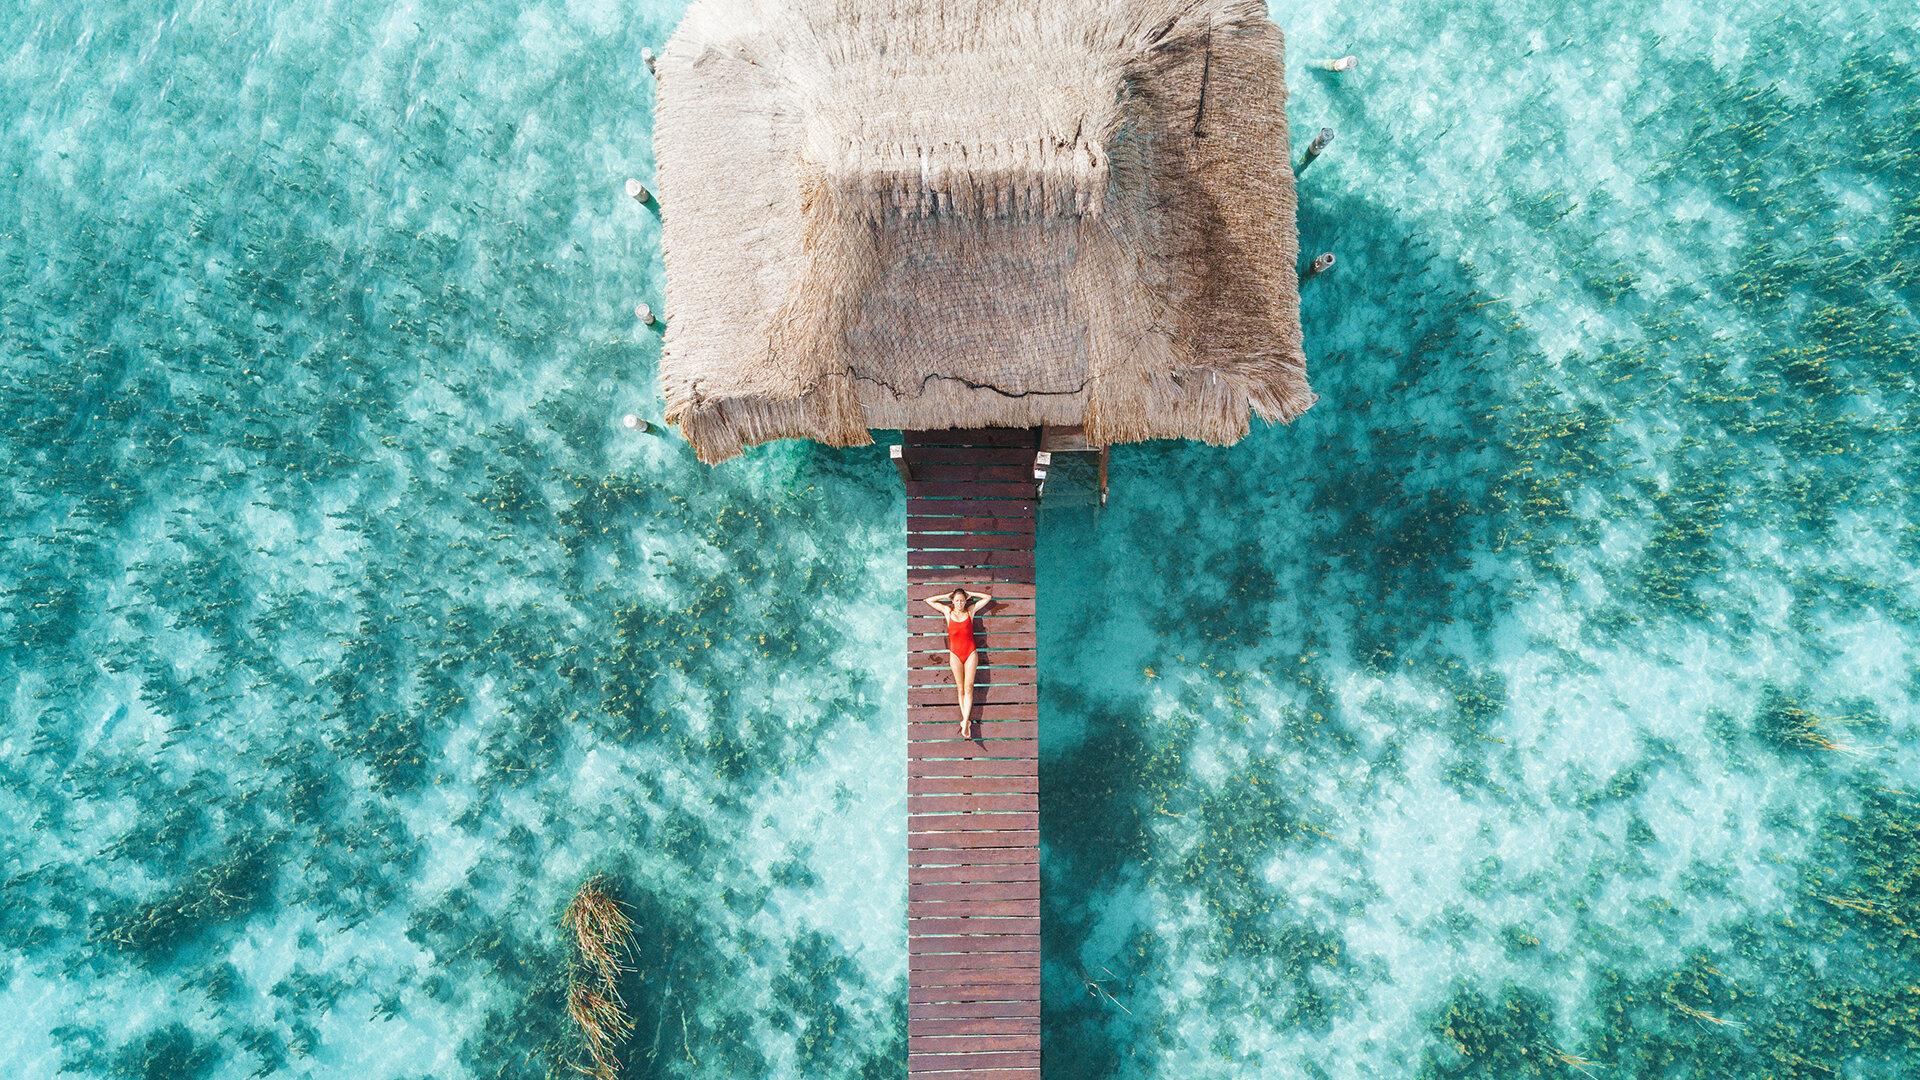 femme sur une cabane sur l'eau